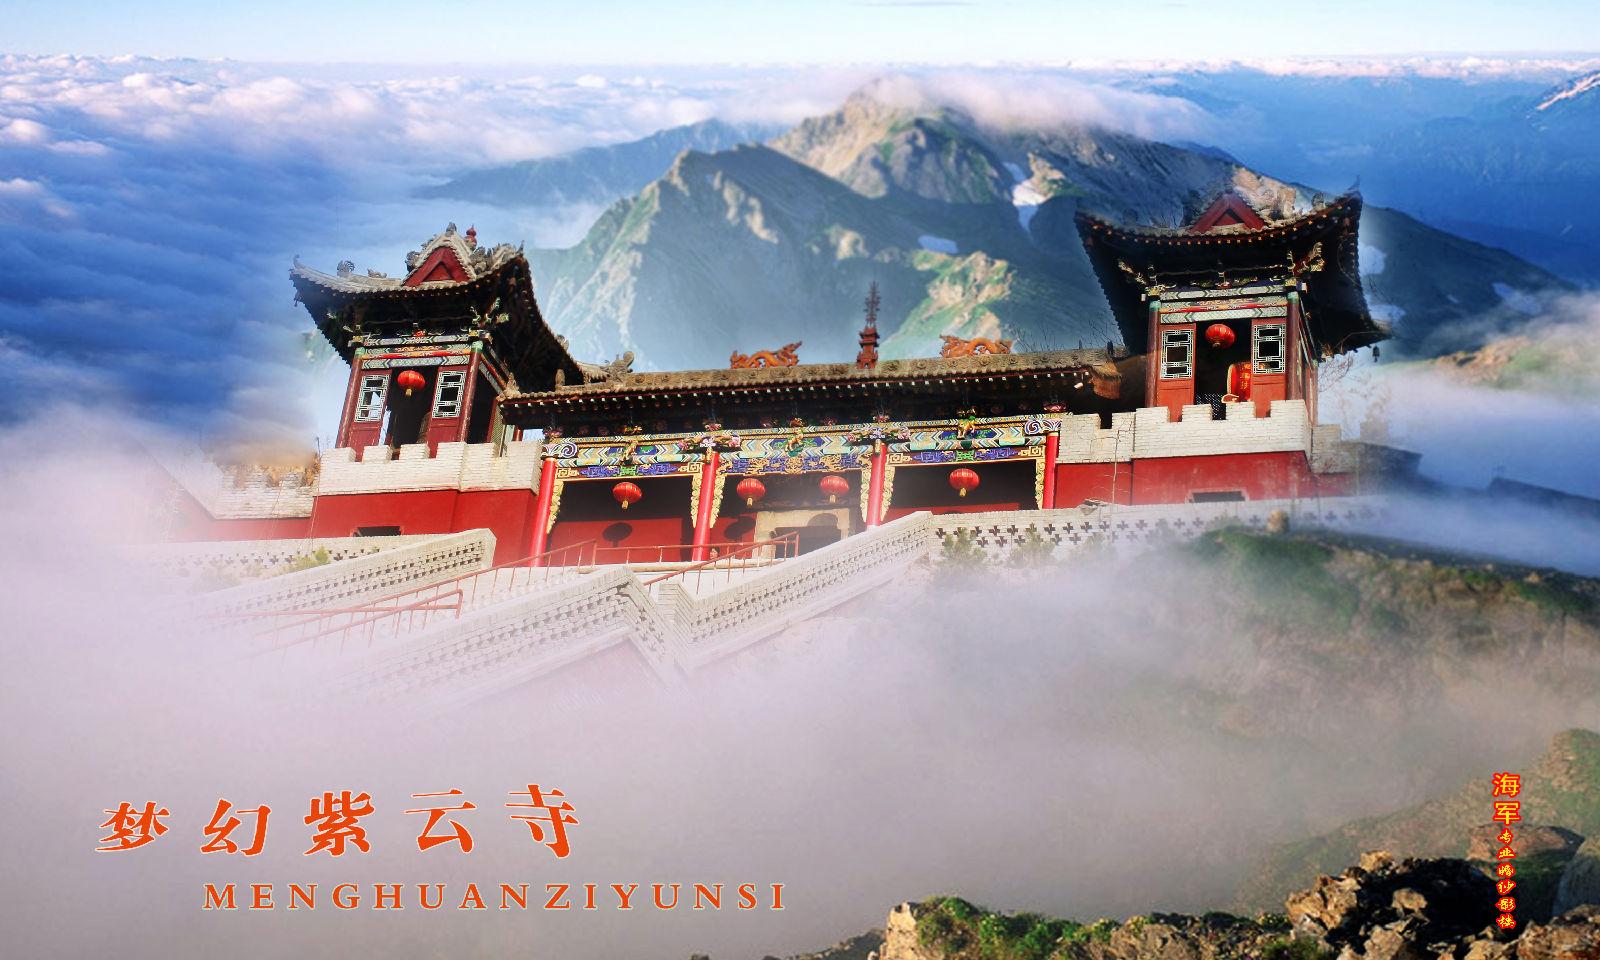 在建筑方面,不仅依照宫殿形式,而且还有发展,美轮美奂,为中国建筑艺术图片